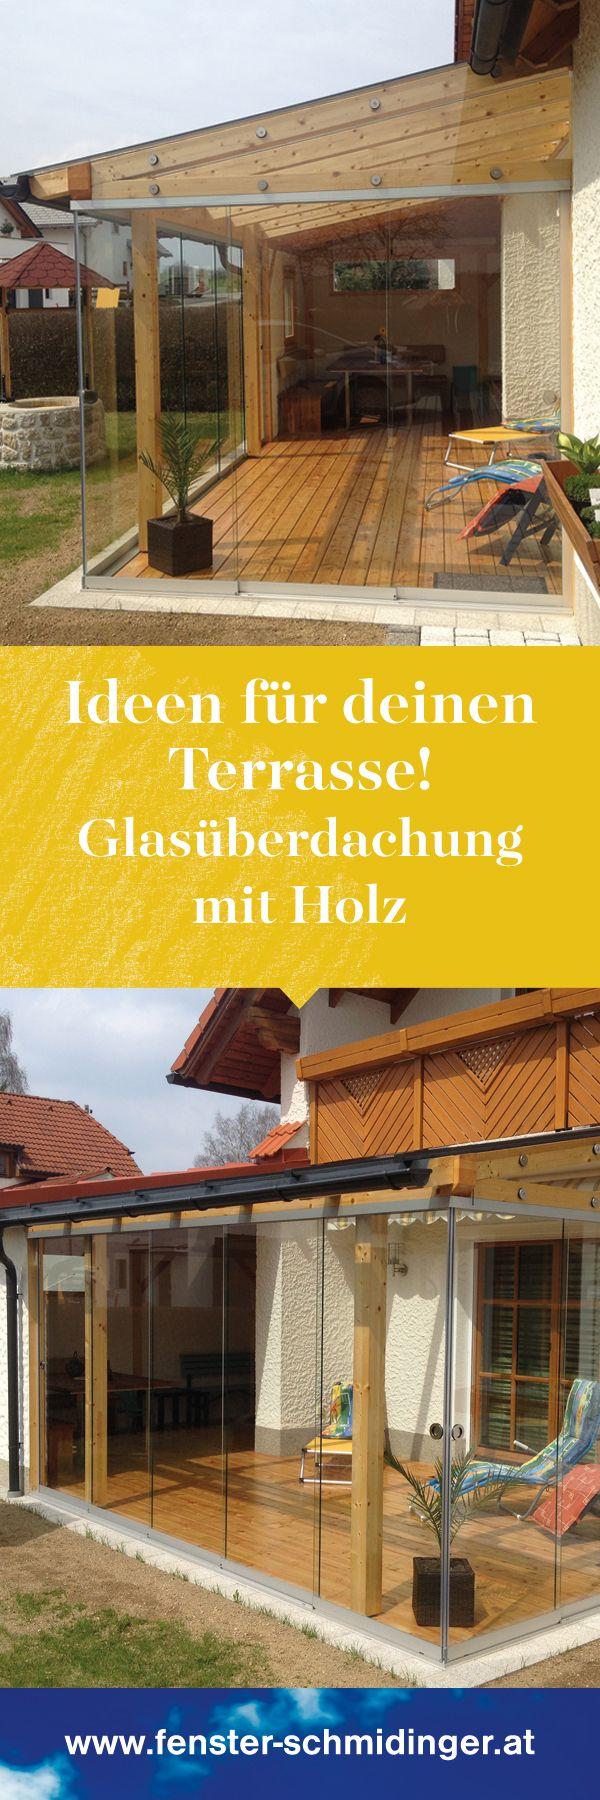 Pergola Glas Und Holz Vom Wintergartenbauer Schmidinger Porch